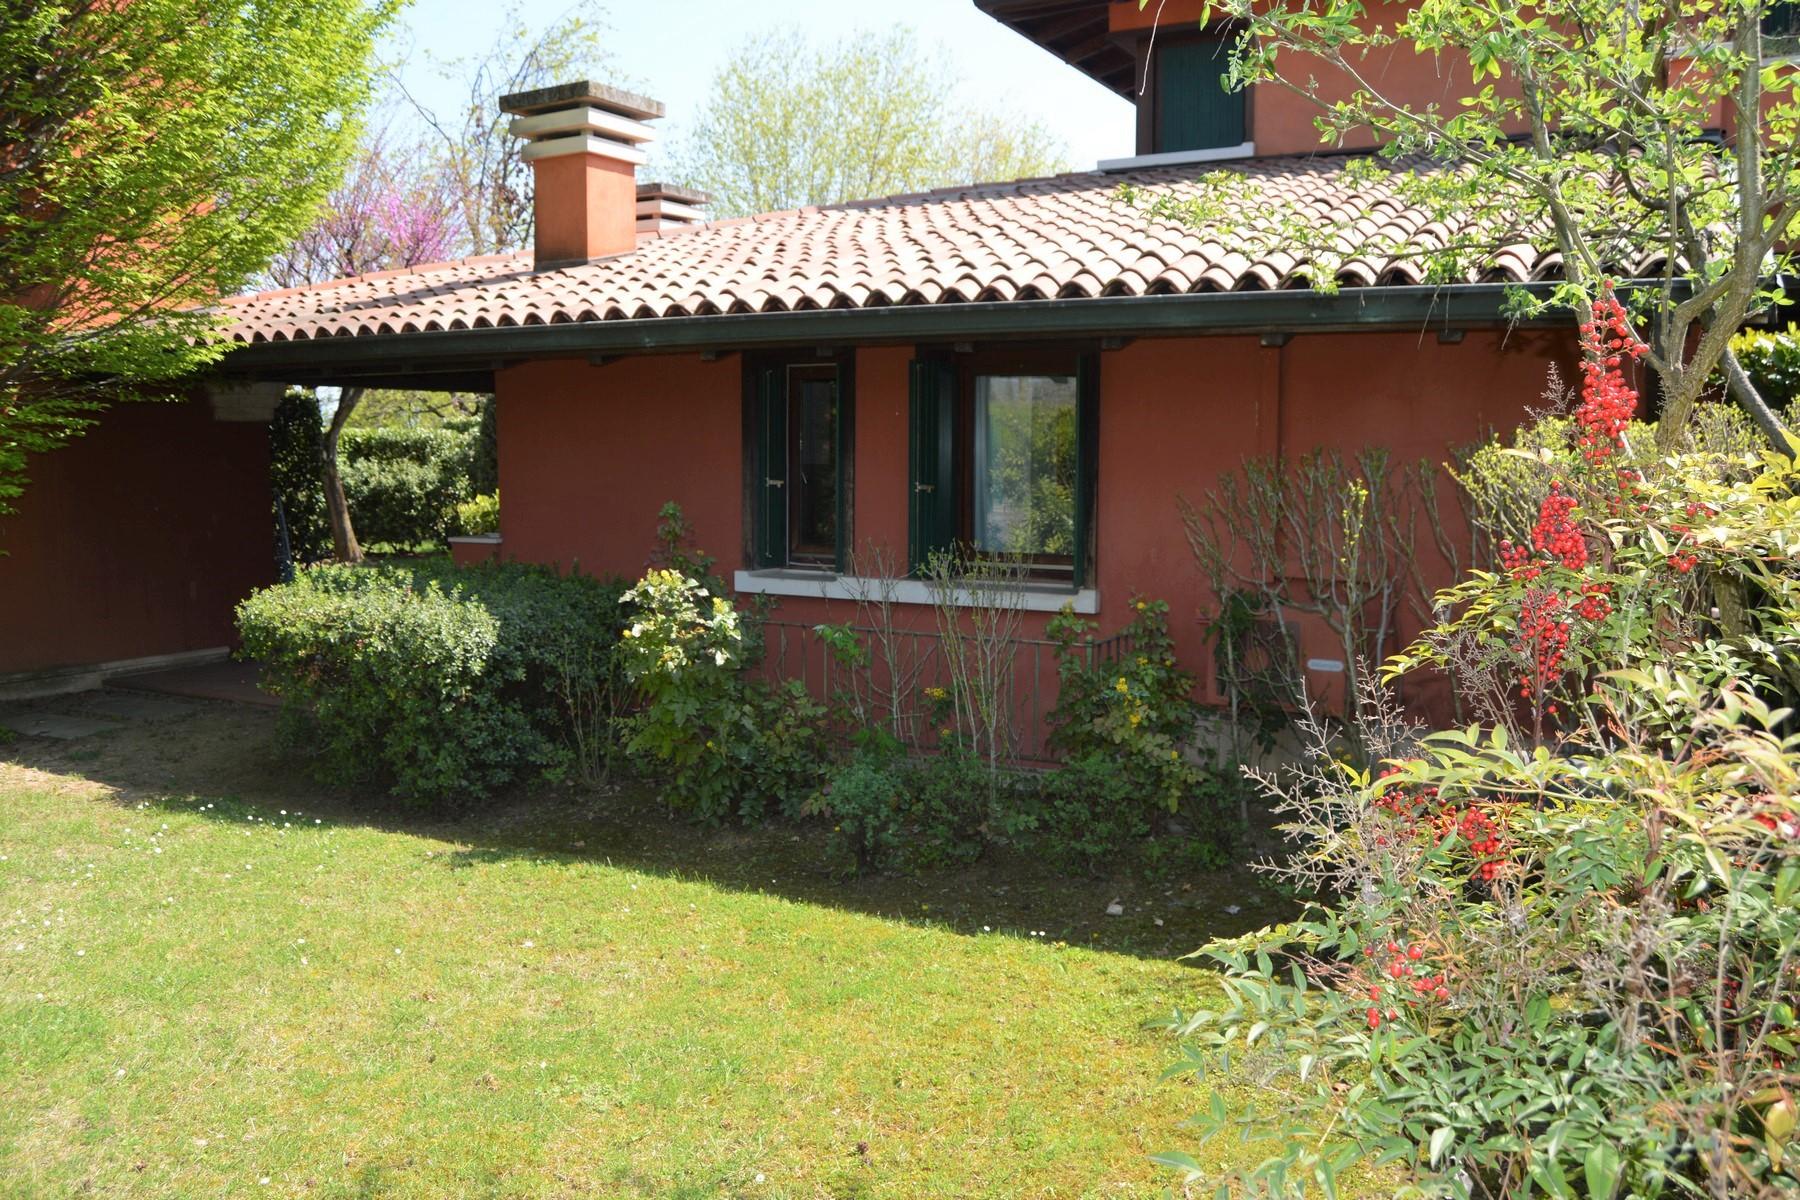 Villa in Vendita a Soiano Del Lago: 5 locali, 137 mq